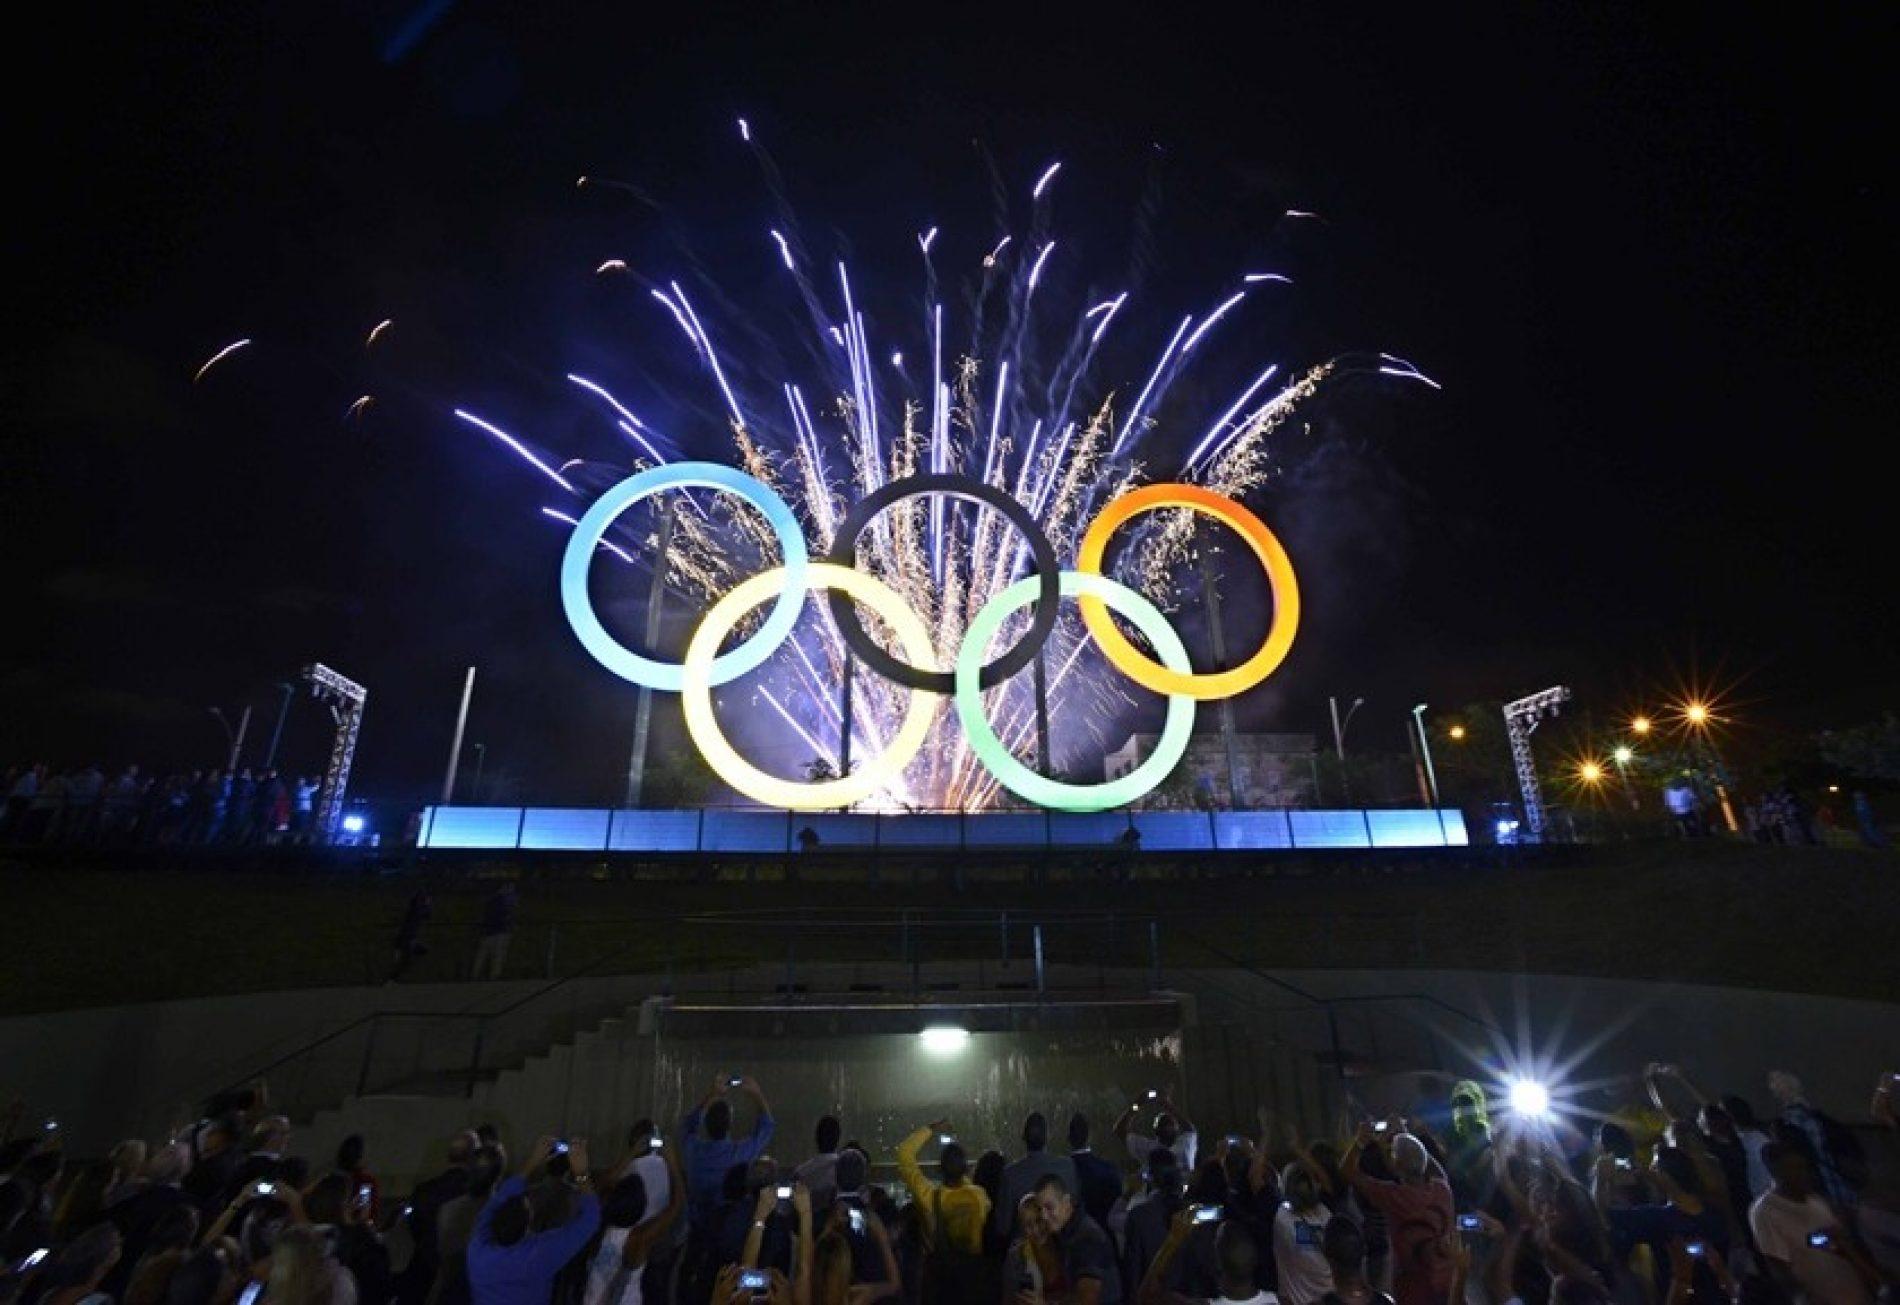 Paris e Los Angeles devem sediar os Jogos Olímpicos de 2024 e 2028